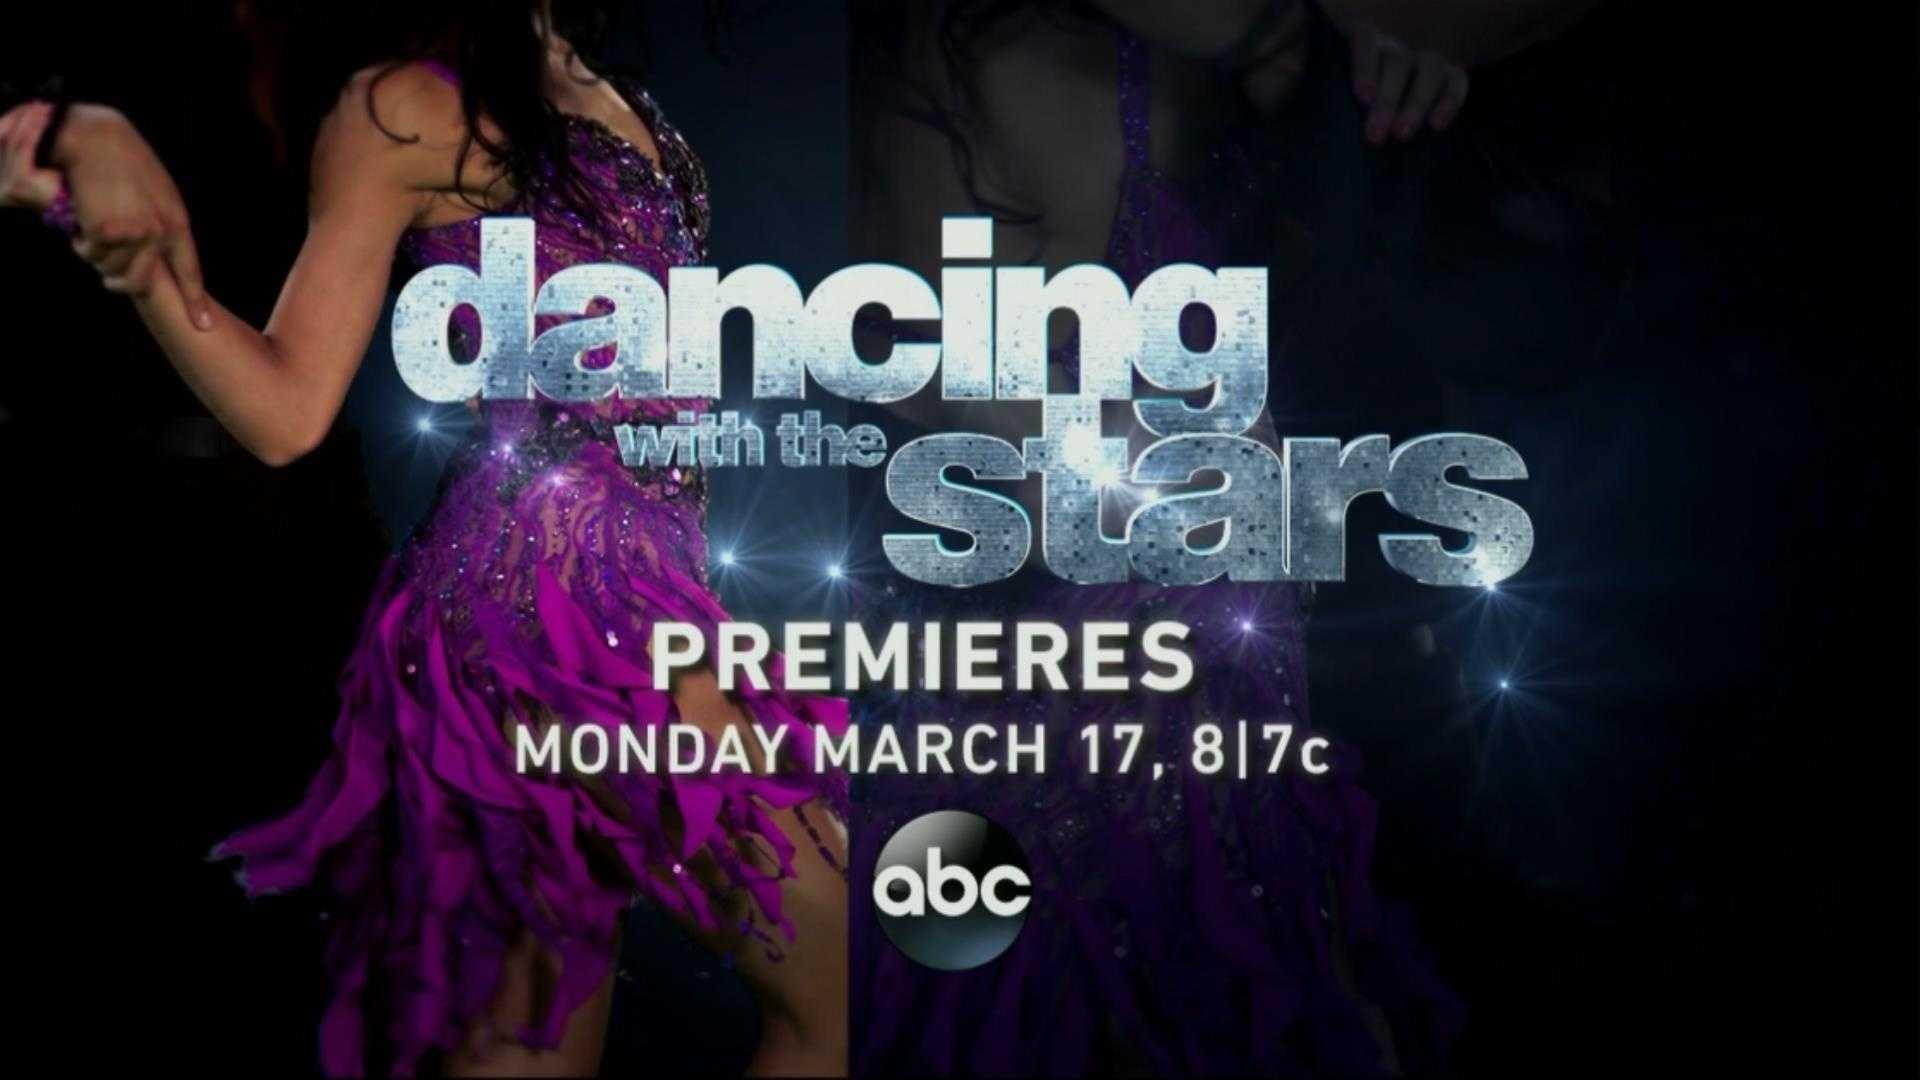 Season 18 debuts Monday, March 17 on WMUR.